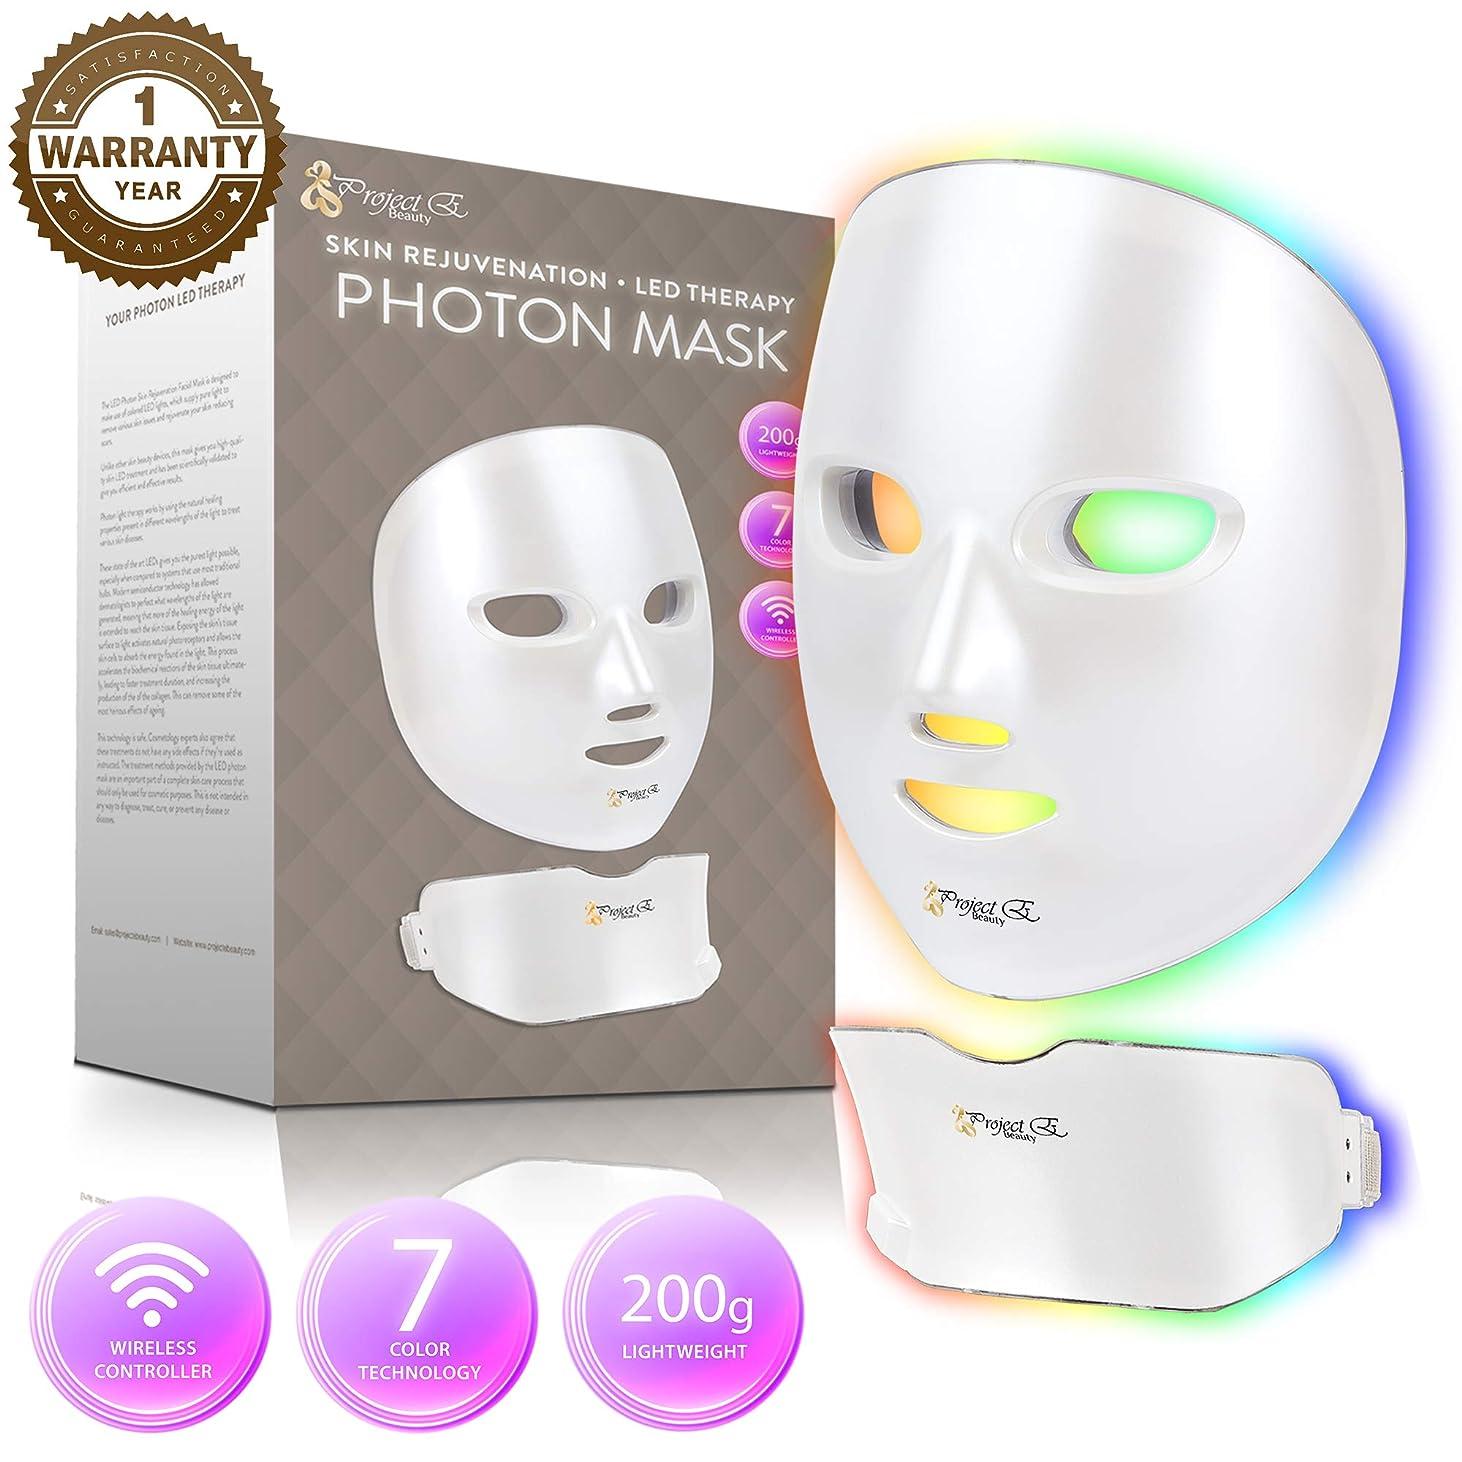 債務ロール全部Project E Beauty 7色 マスクフェイス&ネック光子光皮膚若返り療法顔 スキンケア無線マスクを主導しました ワンサイズ パール?ホワイト